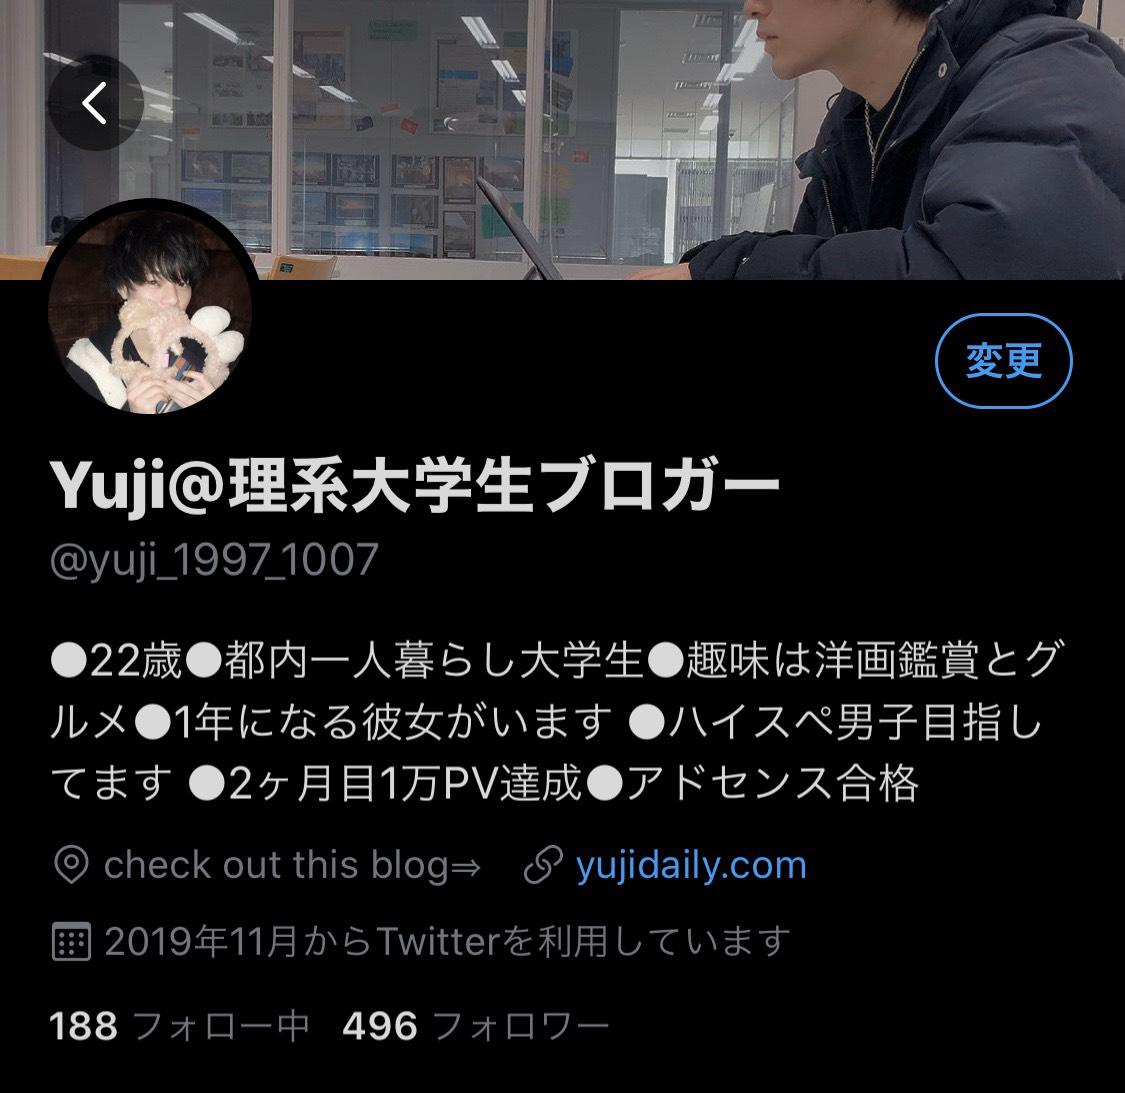 f:id:Yujinote:20191201002857j:plain